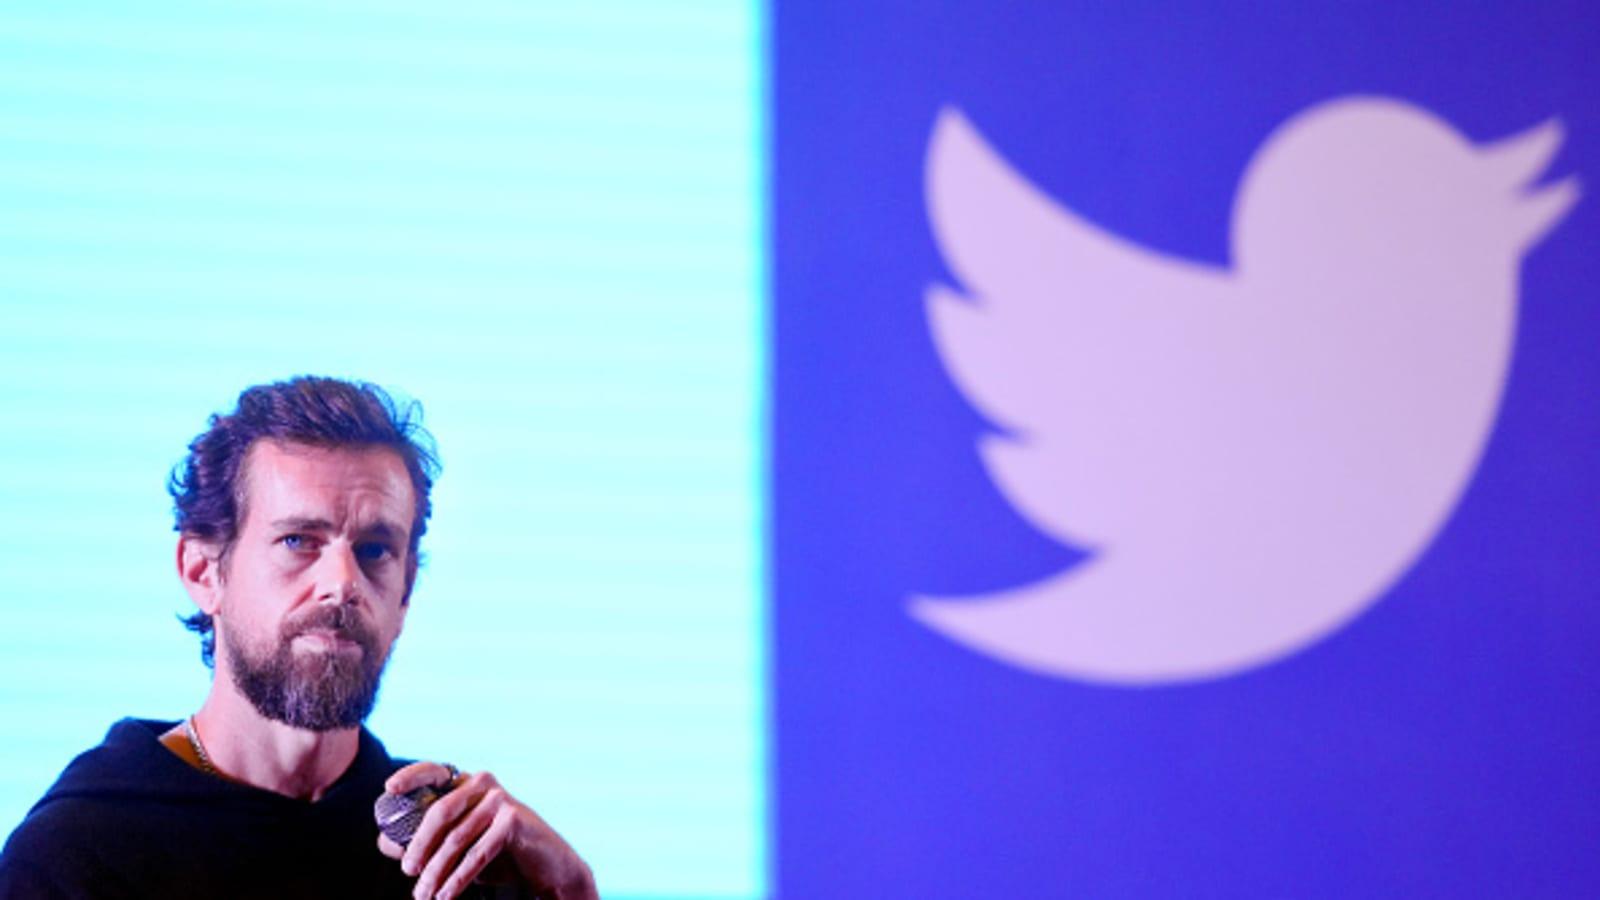 توییتر به زودی توییت هایی را که قصد تضعیف انتخابات را دارند حذف خواهد کرد